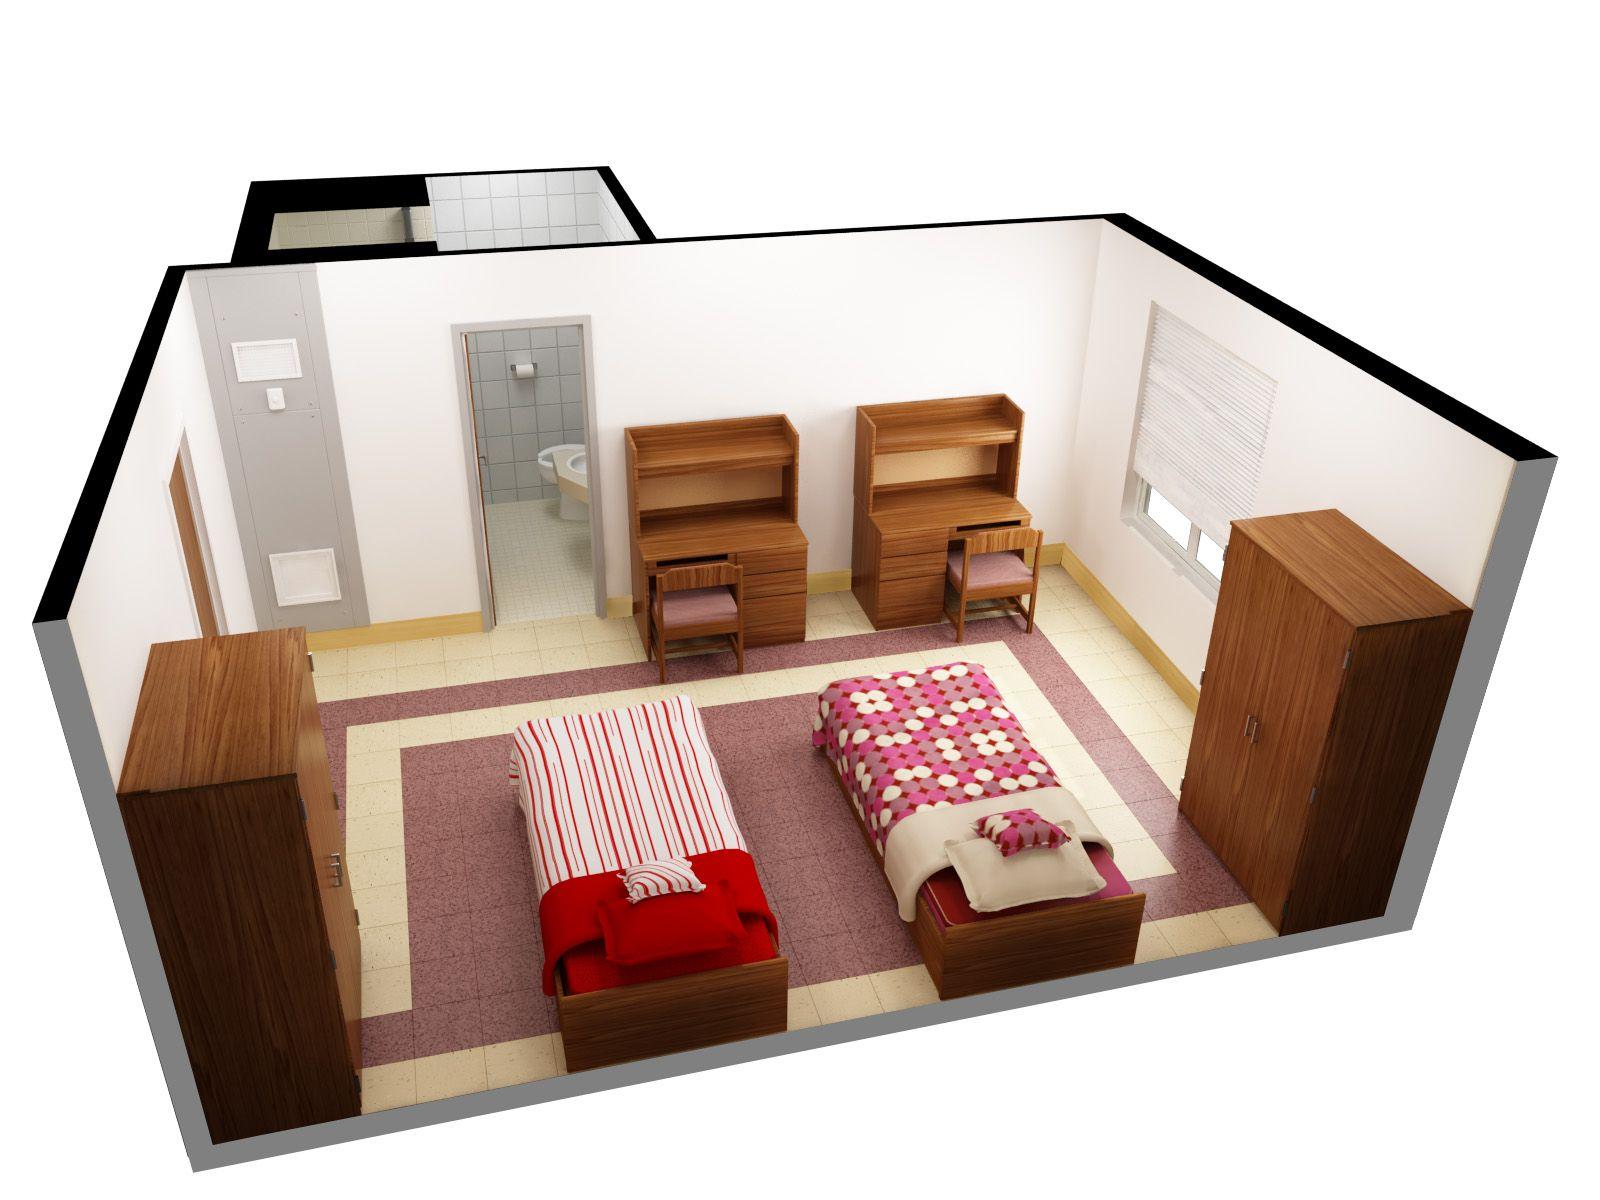 Design Bedroom Online Free Plan 3D Room Designer Online Free For Best Master Bedroom With Two